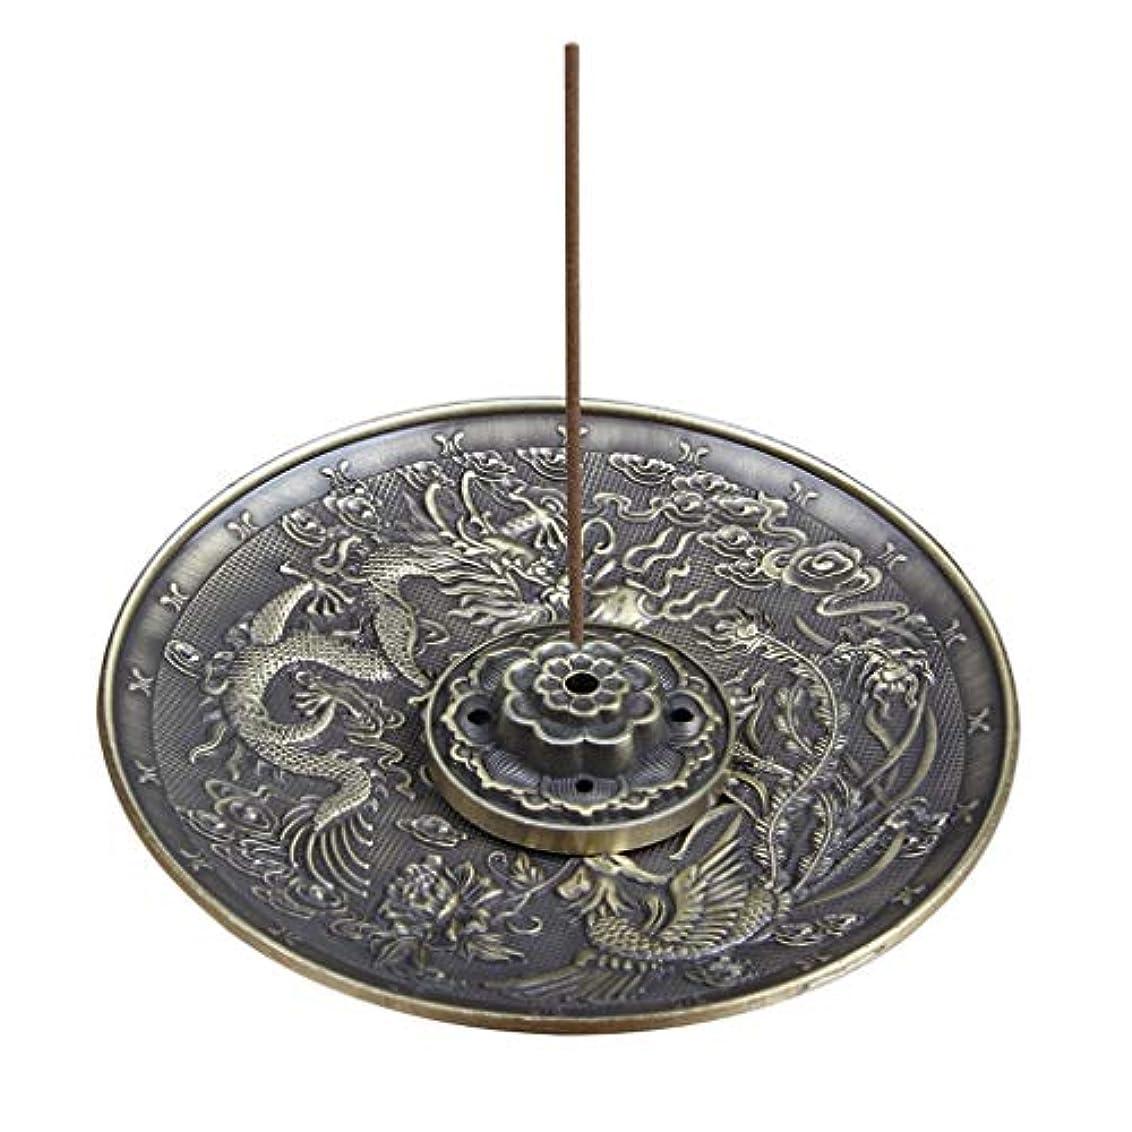 首尾一貫した叫び声卑しい合金線香ホルダーロータススティック線香バーナードラゴンとフェニックスコーン線香オイルバーナー灰との逆流キャッチャー(5穴) (Color : Bronze, サイズ : 3.77*0.51inches)